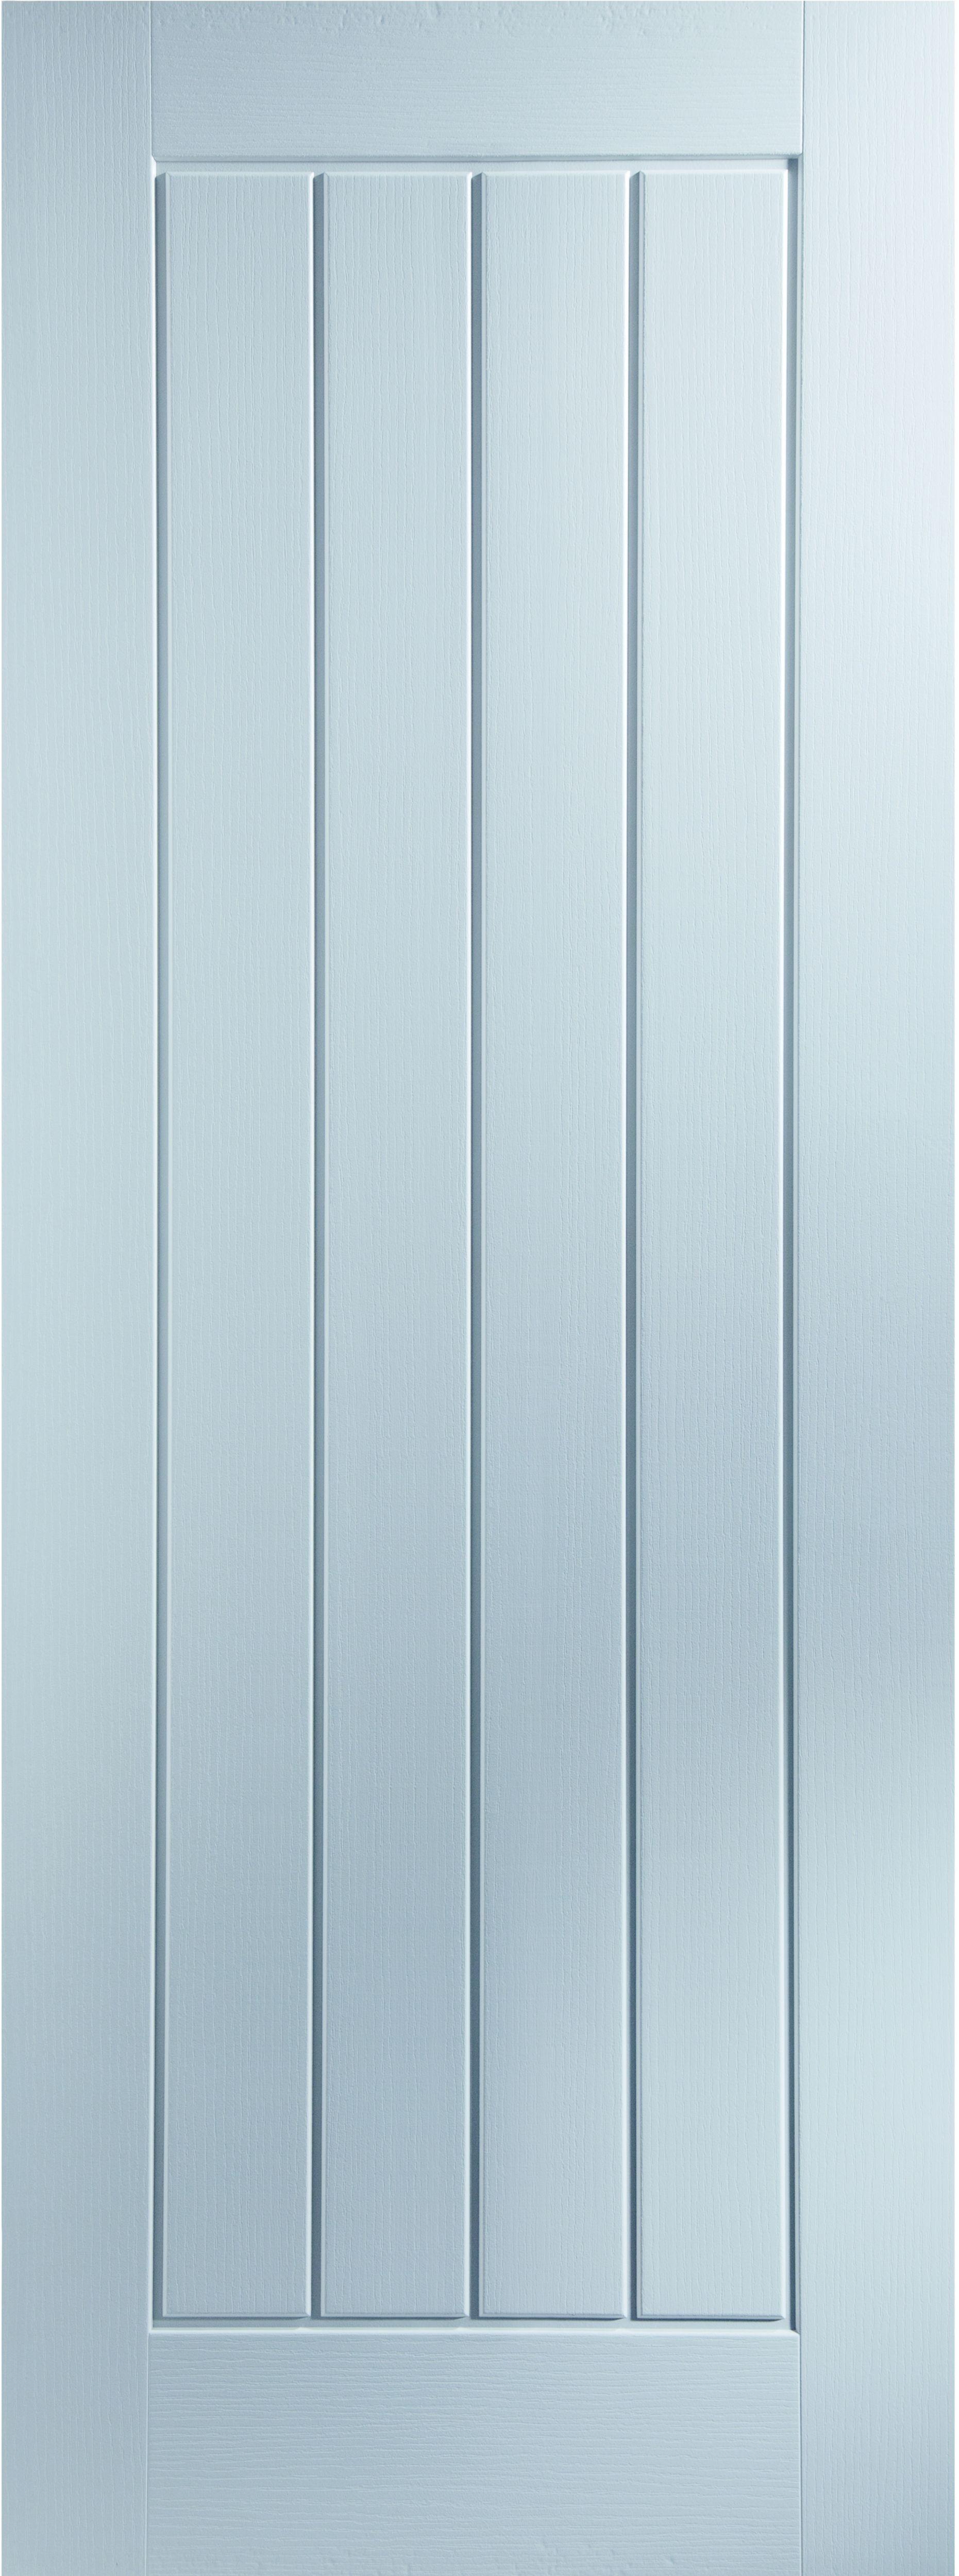 Cottage panel Primed Woodgrain Internal Standard Door, (H)1981mm